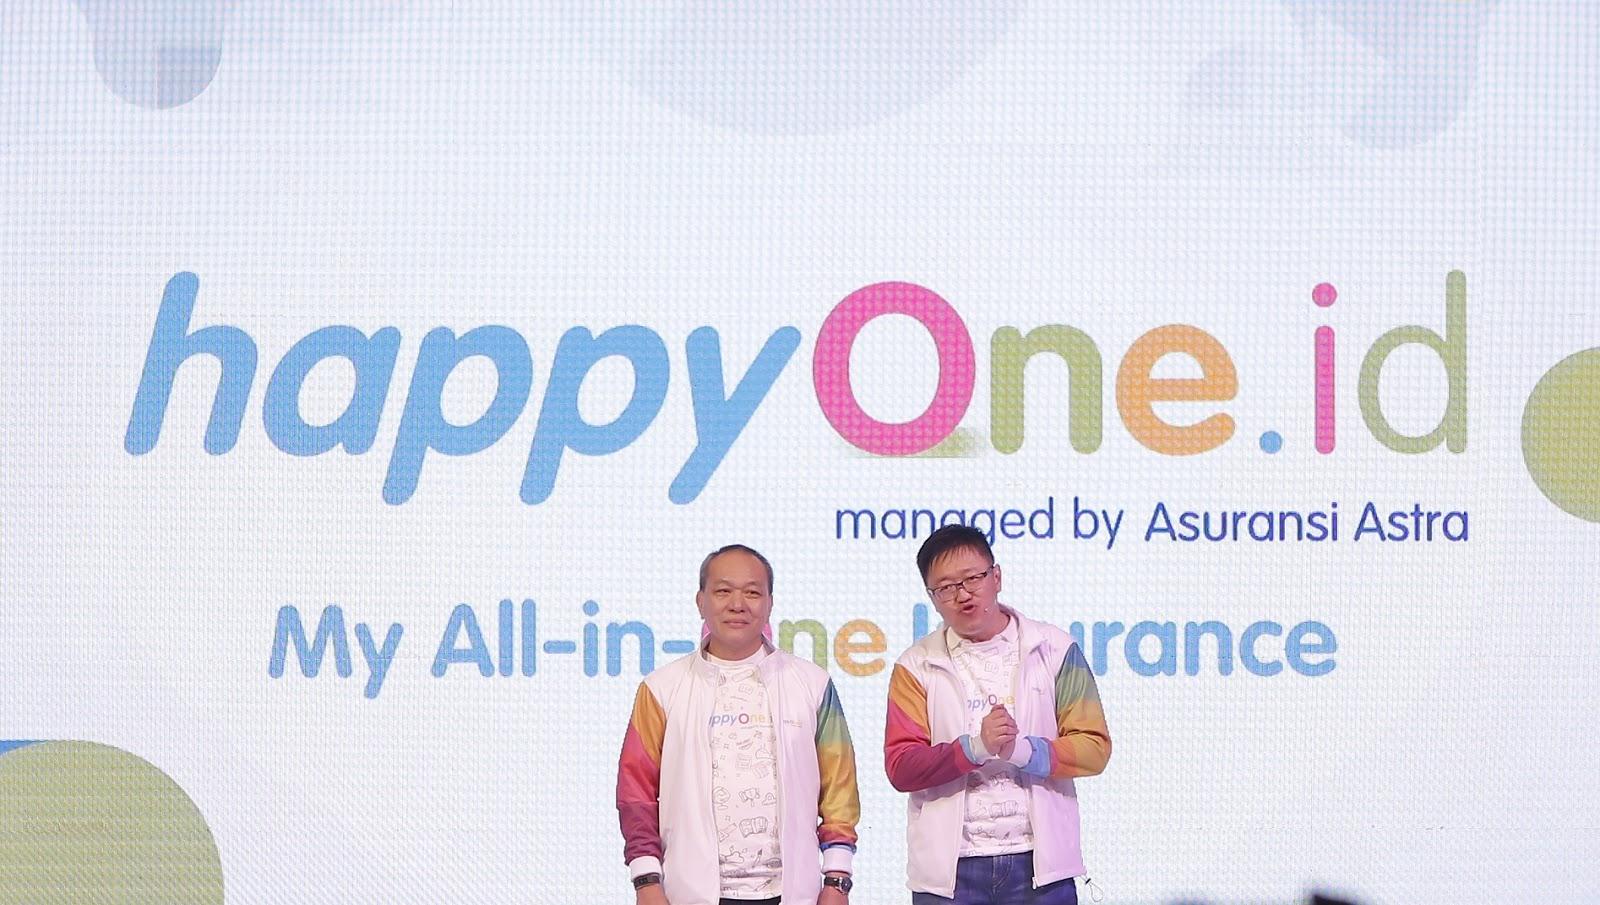 Indonesia Search Date 2018 10 28 Produk Ukm Bumn Boetik Art Khimar Tumpuk Tiga Asuransi Berbasis Digital Terbaru Astra Happyoneid Diluncurkan Pada Tanggal 17 Yang Lalu Oleh Direktur International